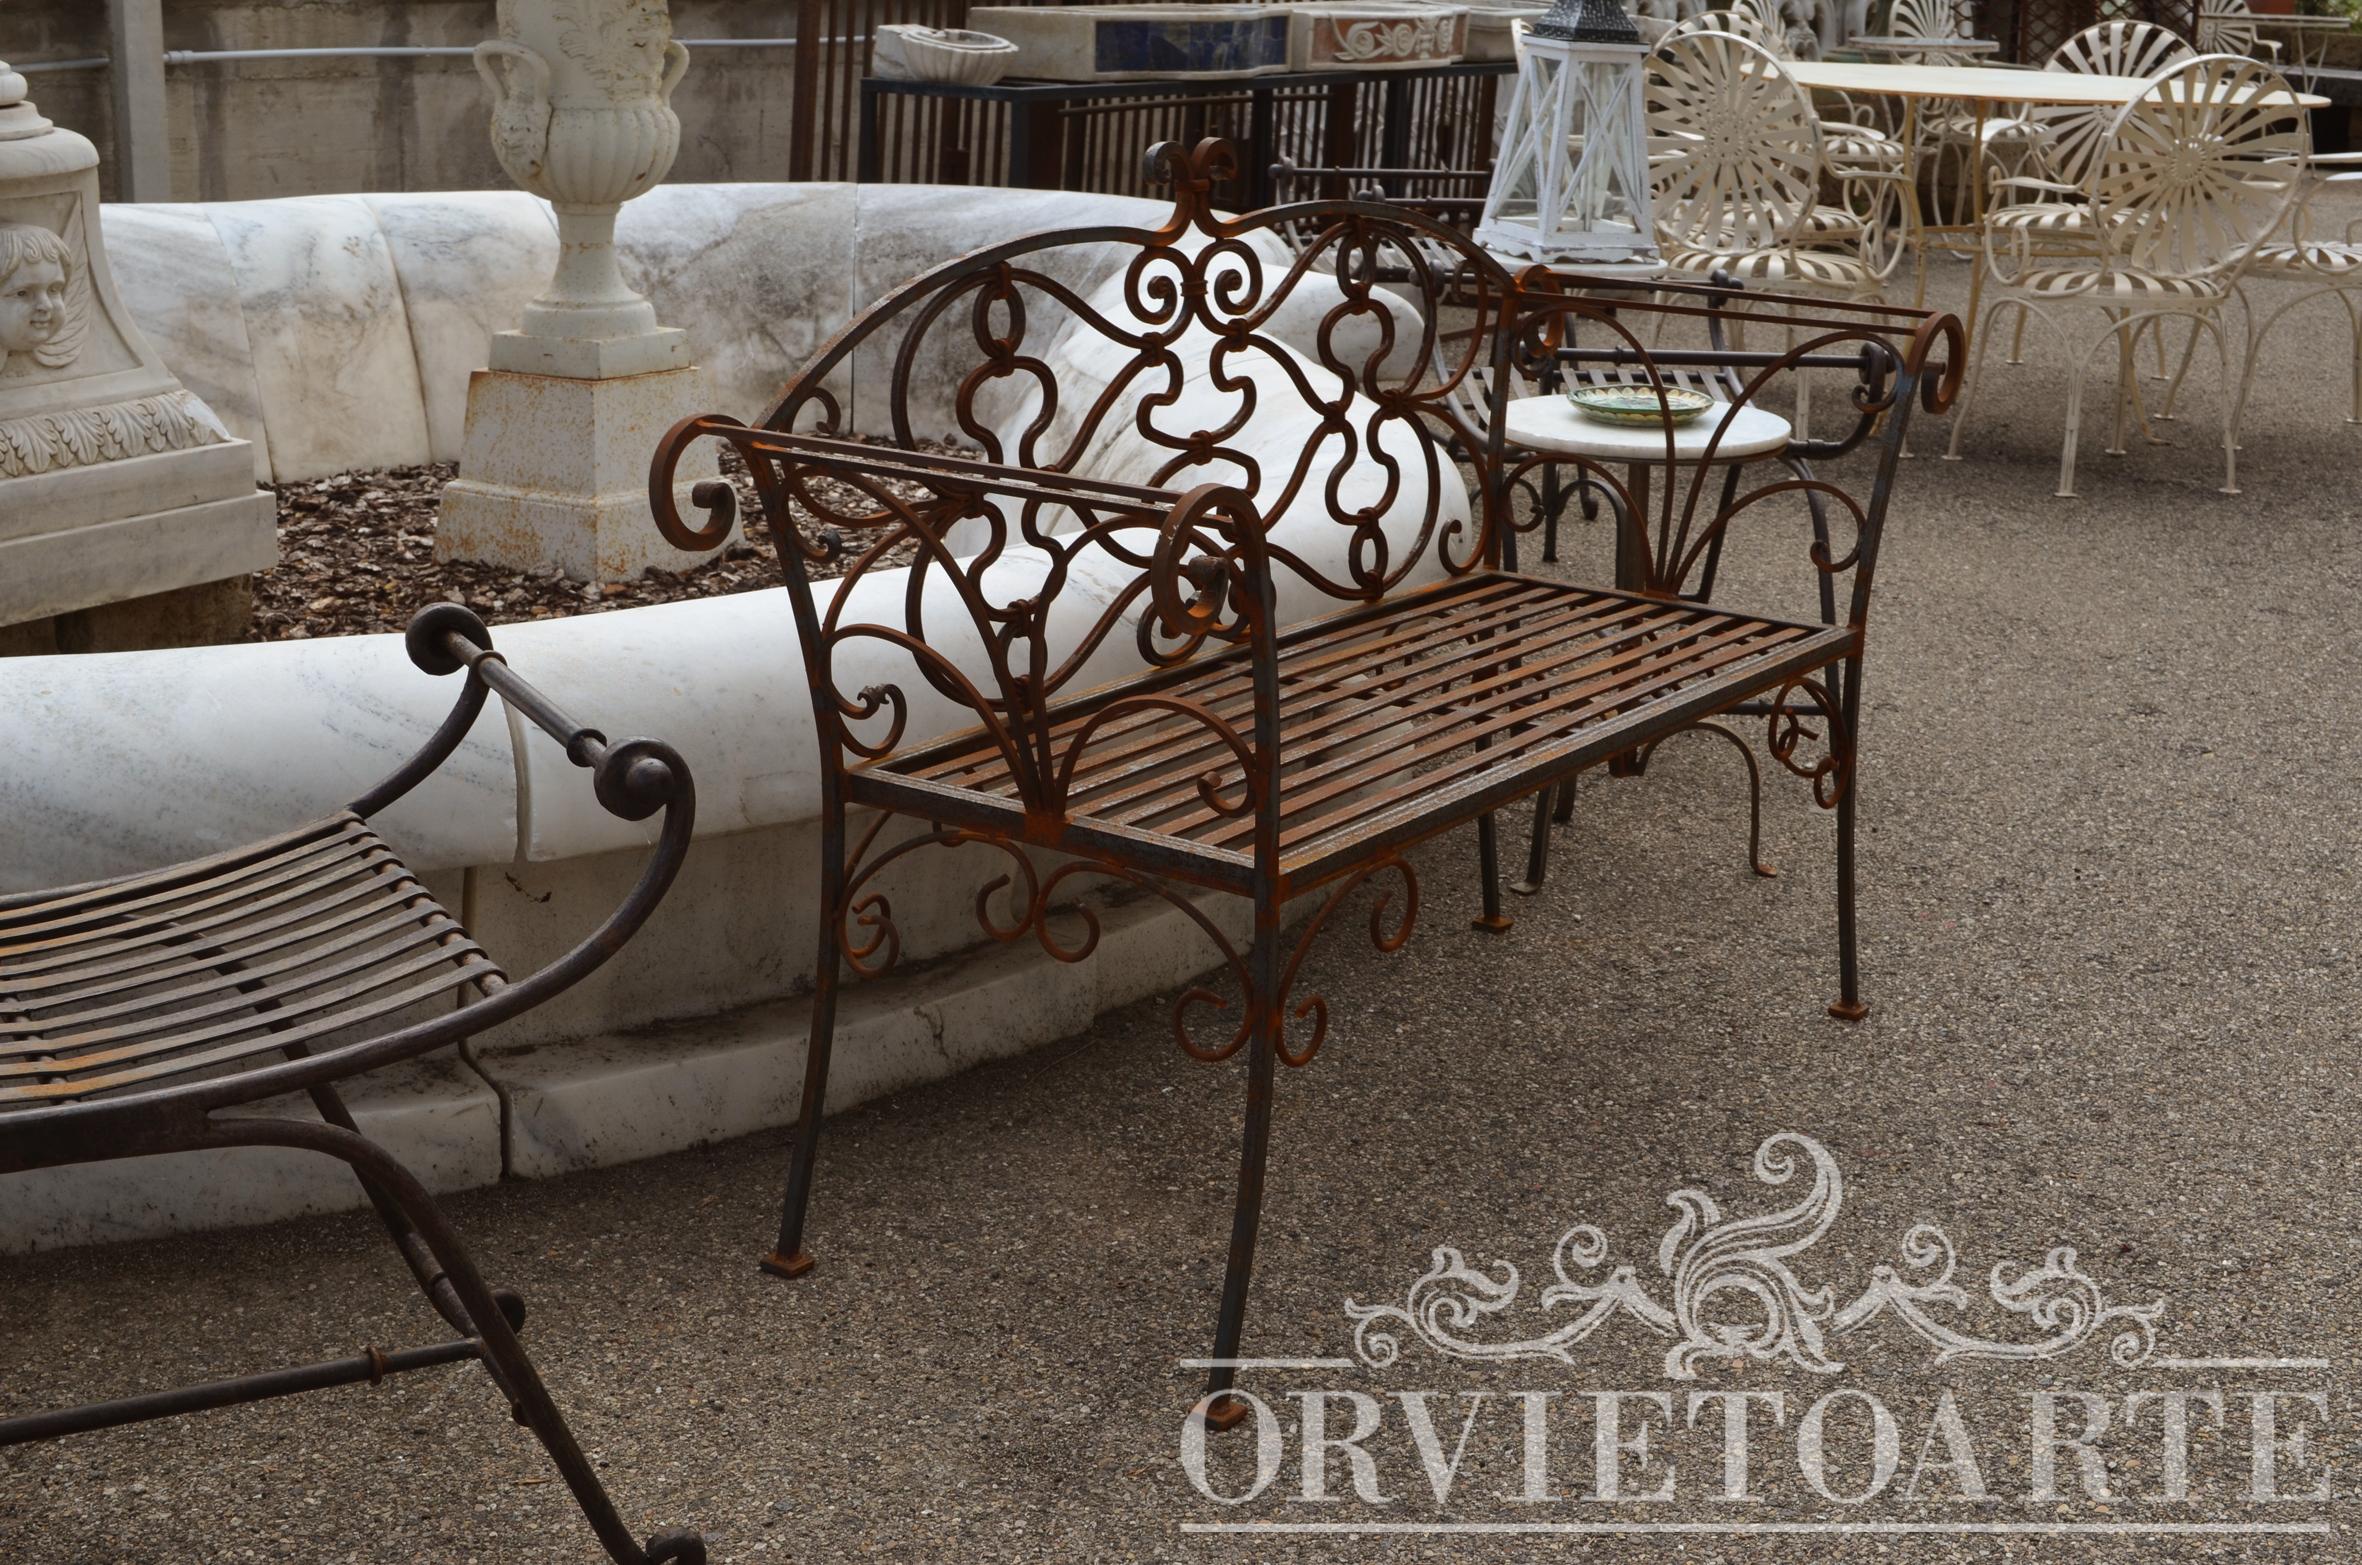 Orvieto arte panchina in ferro battuto for Arredo giardino perugia